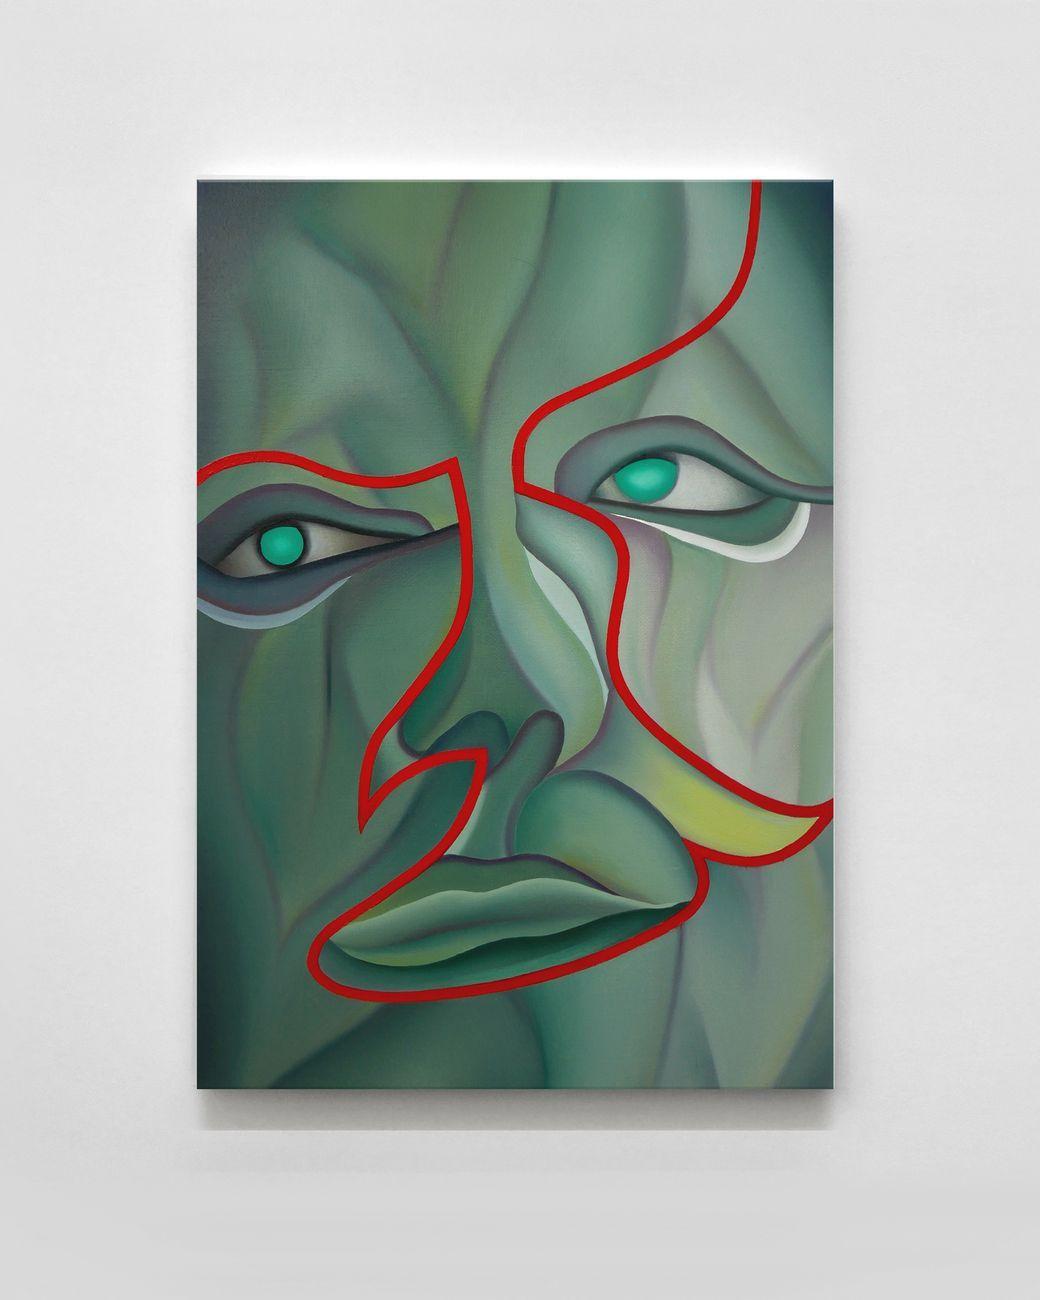 Stefano Perrone, Autoritratto come un carciofo, 2020, oil on panel, 50x35 cm